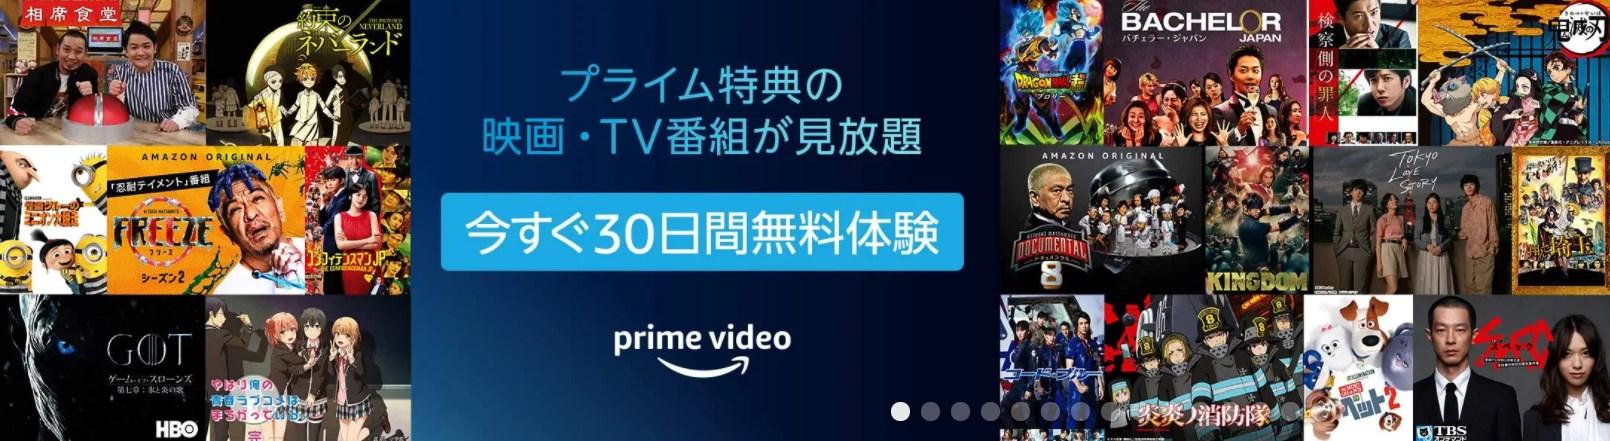 AmazonプライムビデオのTOPページ